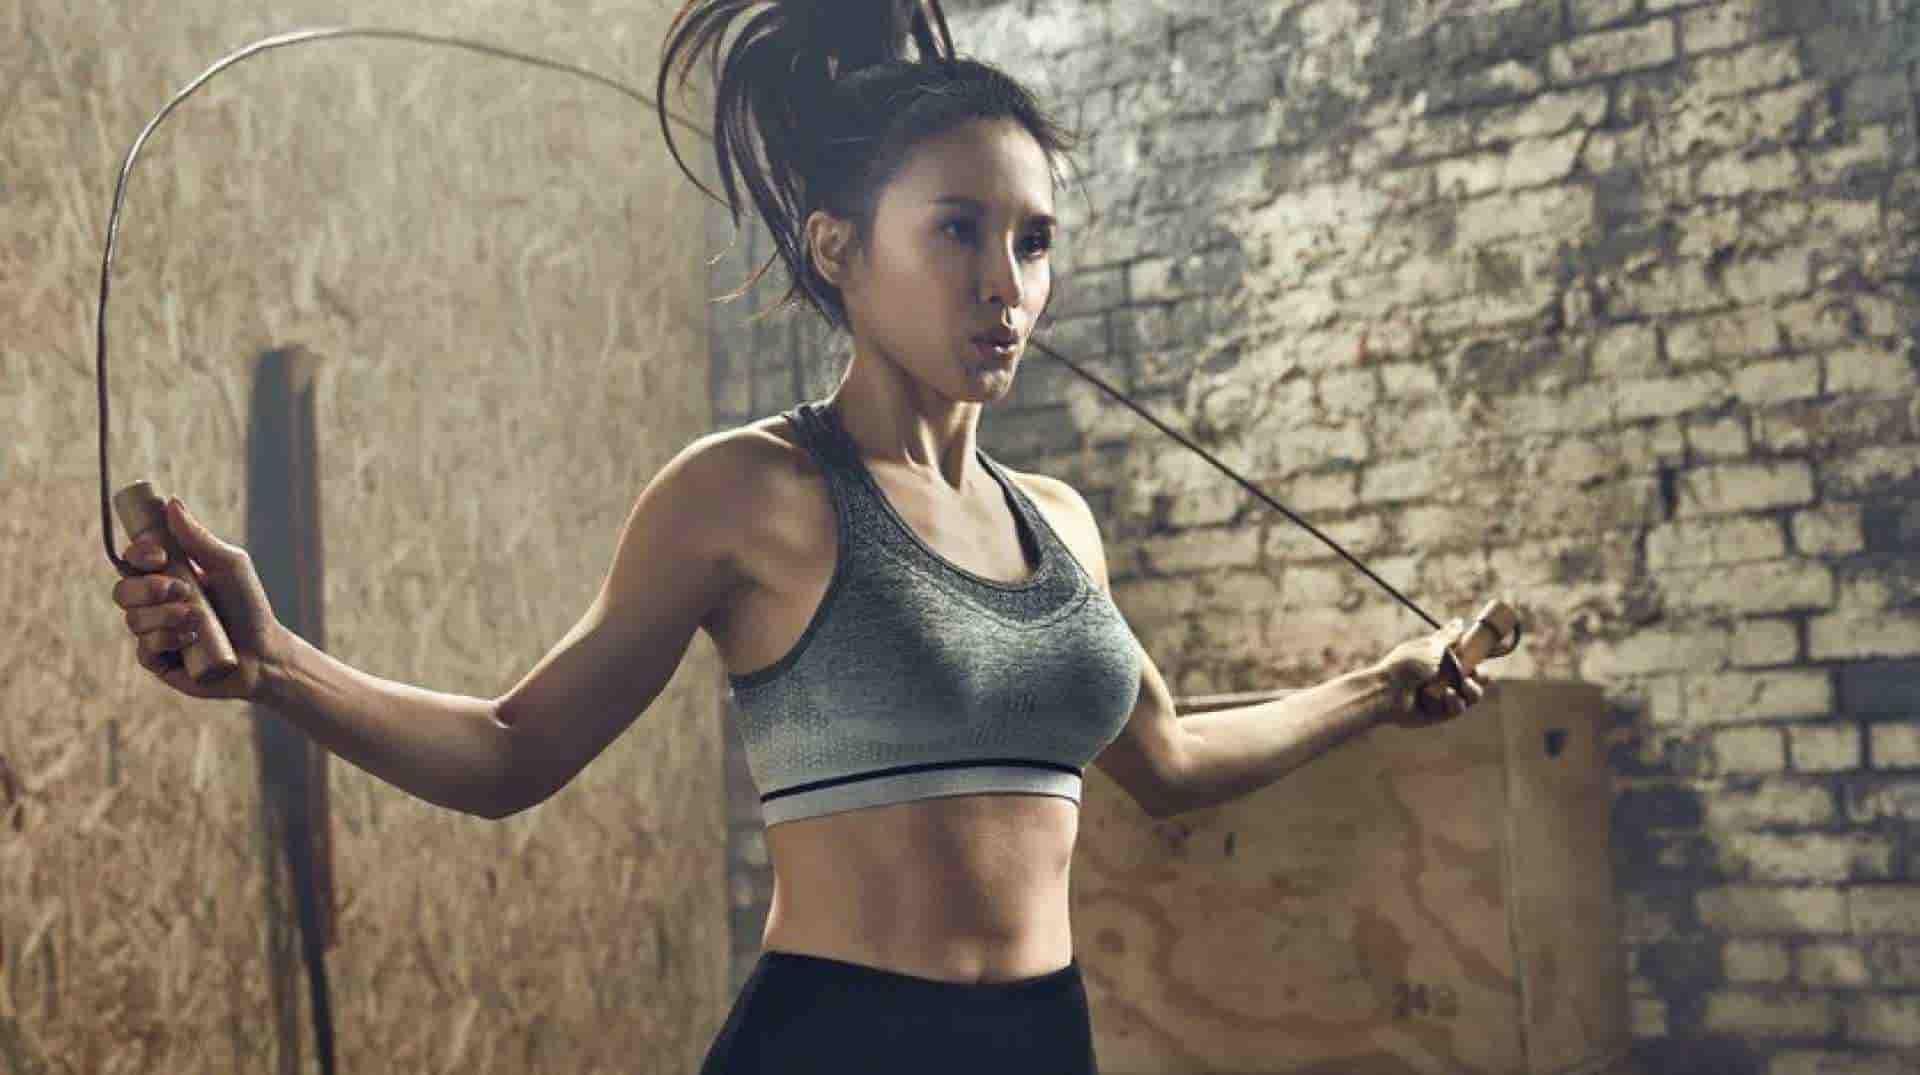 Practicando ejercicio para quemar más de 1000 calorías